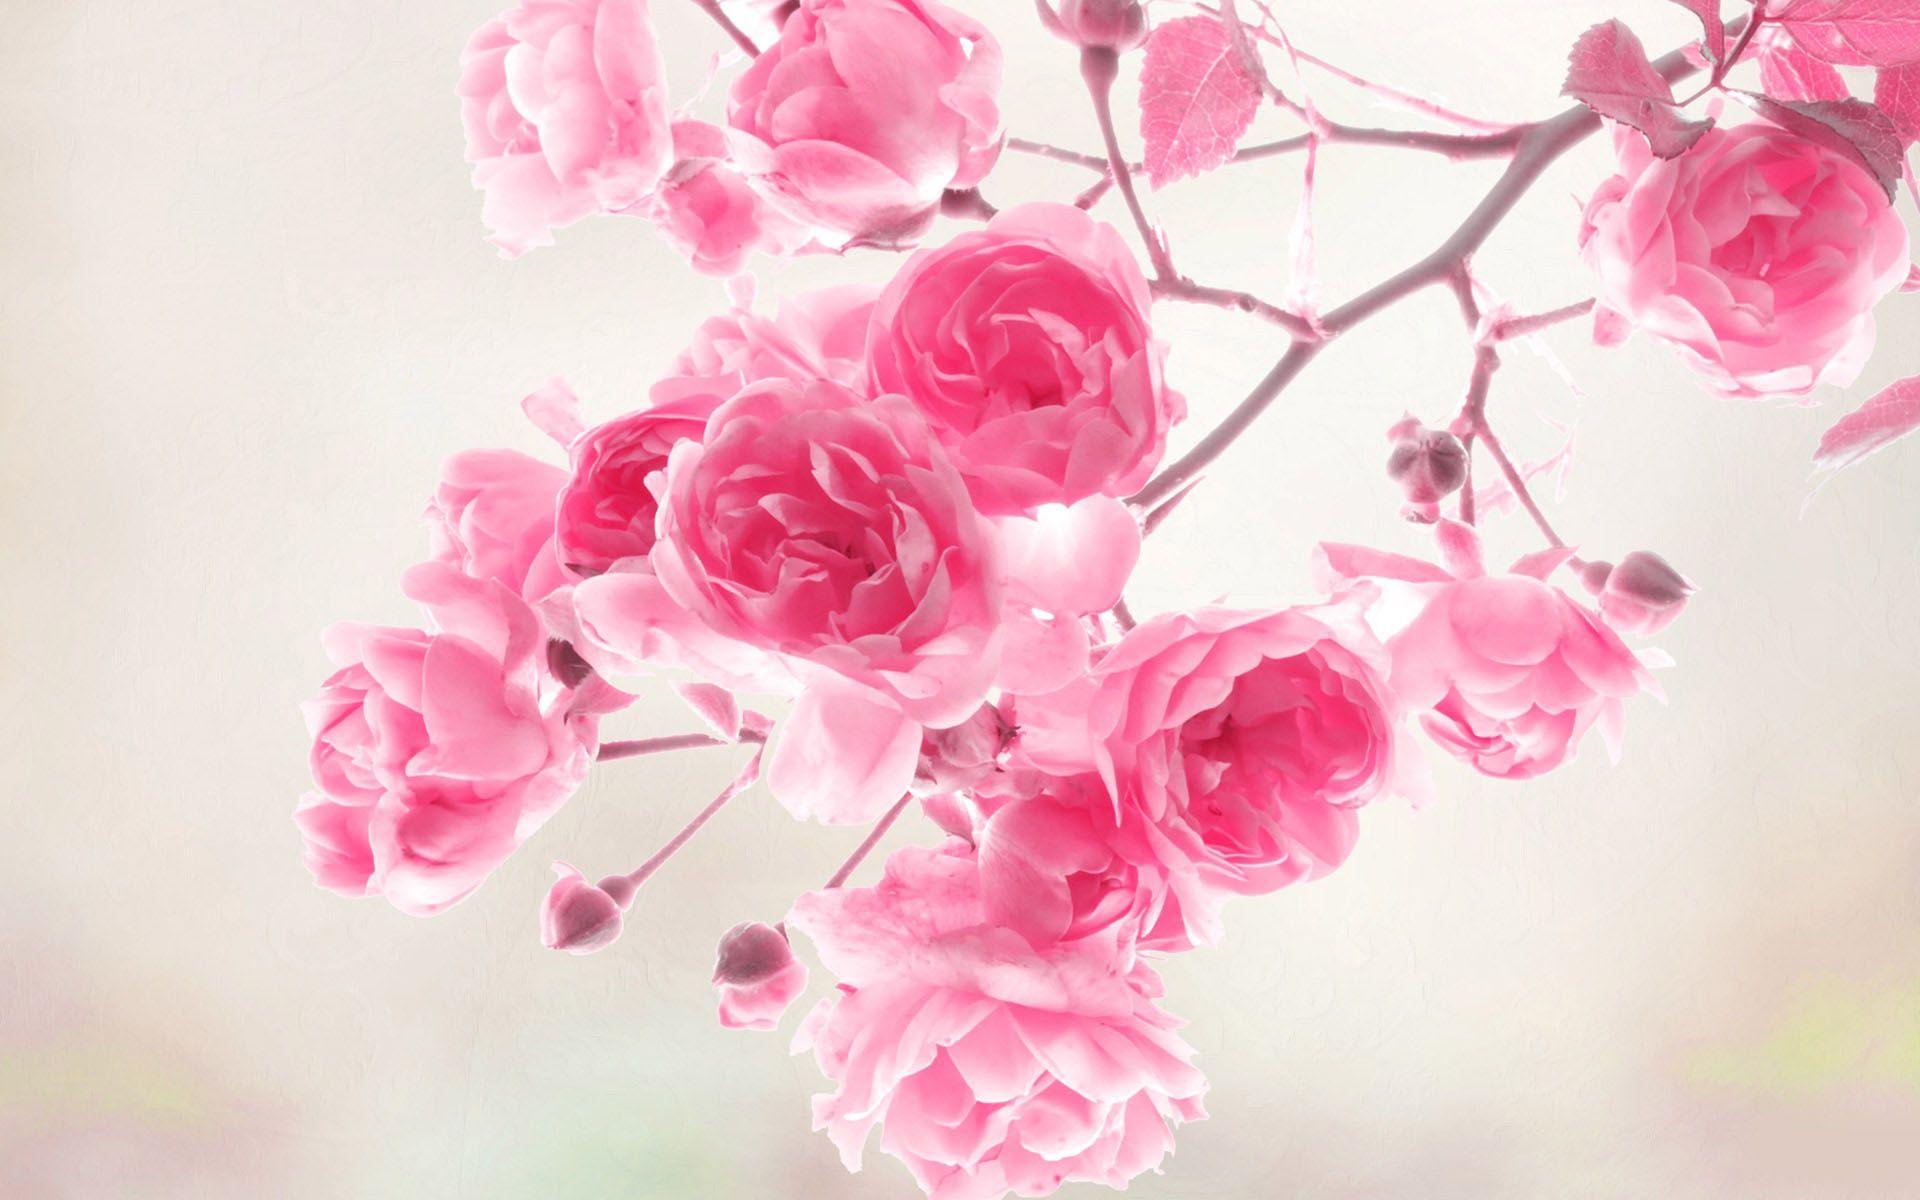 hot pink flower wallpaper 24 - [1920x1200]